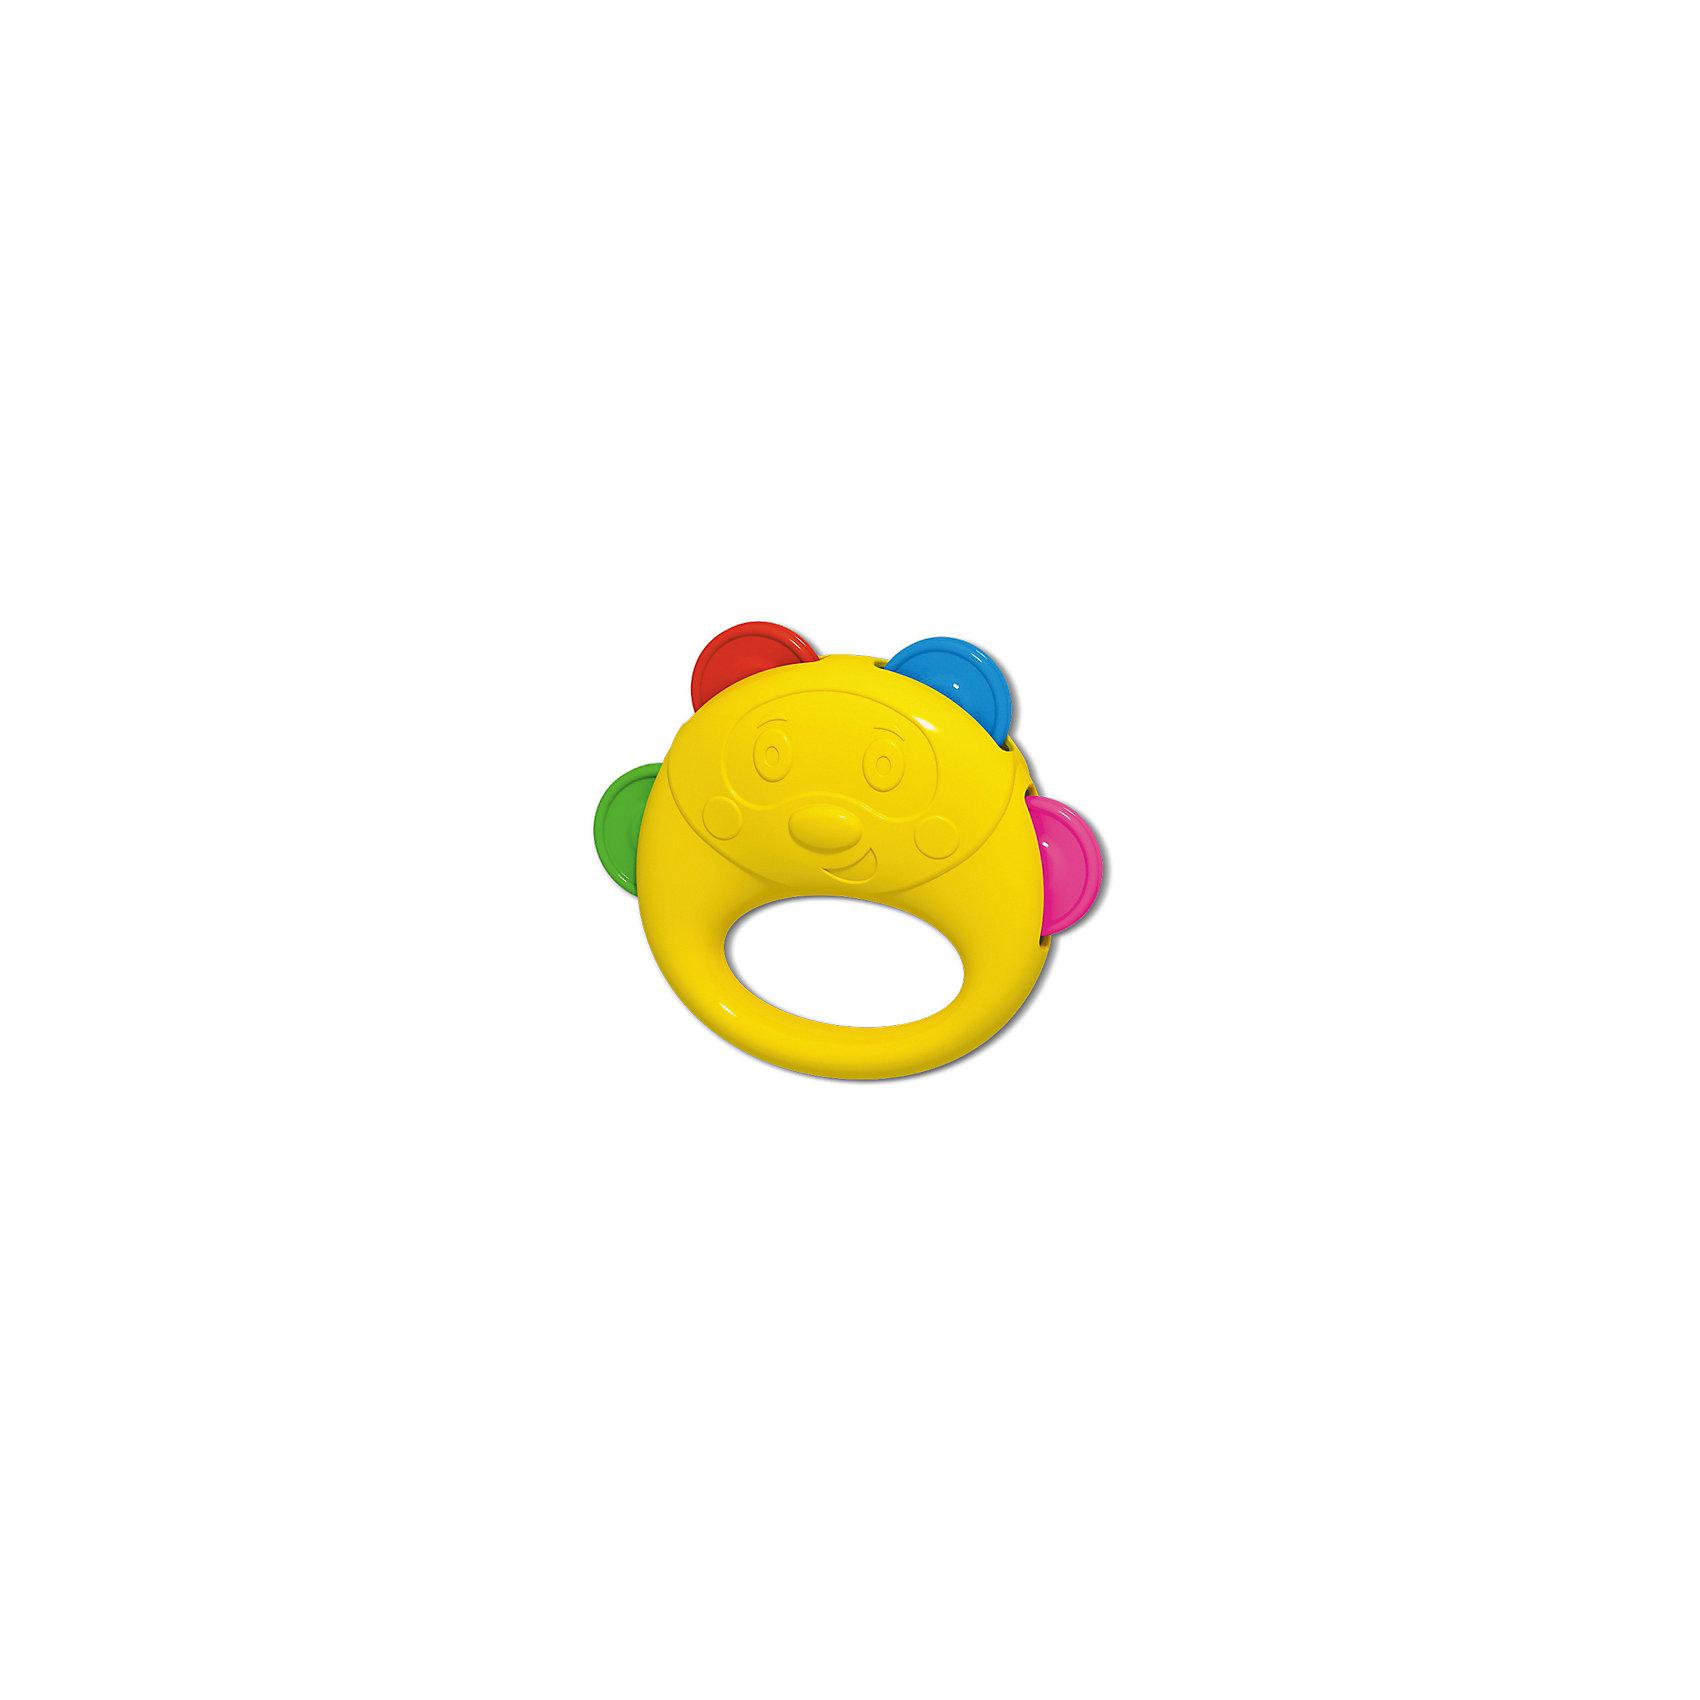 Бубен, StellarМузыкальные инструменты и игрушки<br>Характеристики товара:<br><br>- цвет: разноцветный;<br>- материал: пластик;<br>- 4 пары дисков;<br>- вес: 60 гр.<br><br>Детская развивающая игрушка бубен – отличный подарок для ребенка. В процессе игры с детской погремушкой ребенок развивает моторику, тактильное восприятие, воображение, внимание и координацию движений, слуховые навыки. Игрушка погремушка издает приятный звук, когда ребенок ее трясет, а также игрушка снабжена удобной ручкой. Этот яркий бубен сделан специально для маленьких ручек ребёнка. <br>Такая погремушка-бубен позволит малышу с детства развивать слух и музыкальные способности. Изделие произведено из качественных материалов, безопасных для ребенка.<br><br>Бубен от бренда Stellar можно купить в нашем интернет-магазине.<br><br>Ширина мм: 125<br>Глубина мм: 40<br>Высота мм: 210<br>Вес г: 60<br>Возраст от месяцев: 36<br>Возраст до месяцев: 2147483647<br>Пол: Унисекс<br>Возраст: Детский<br>SKU: 5079947